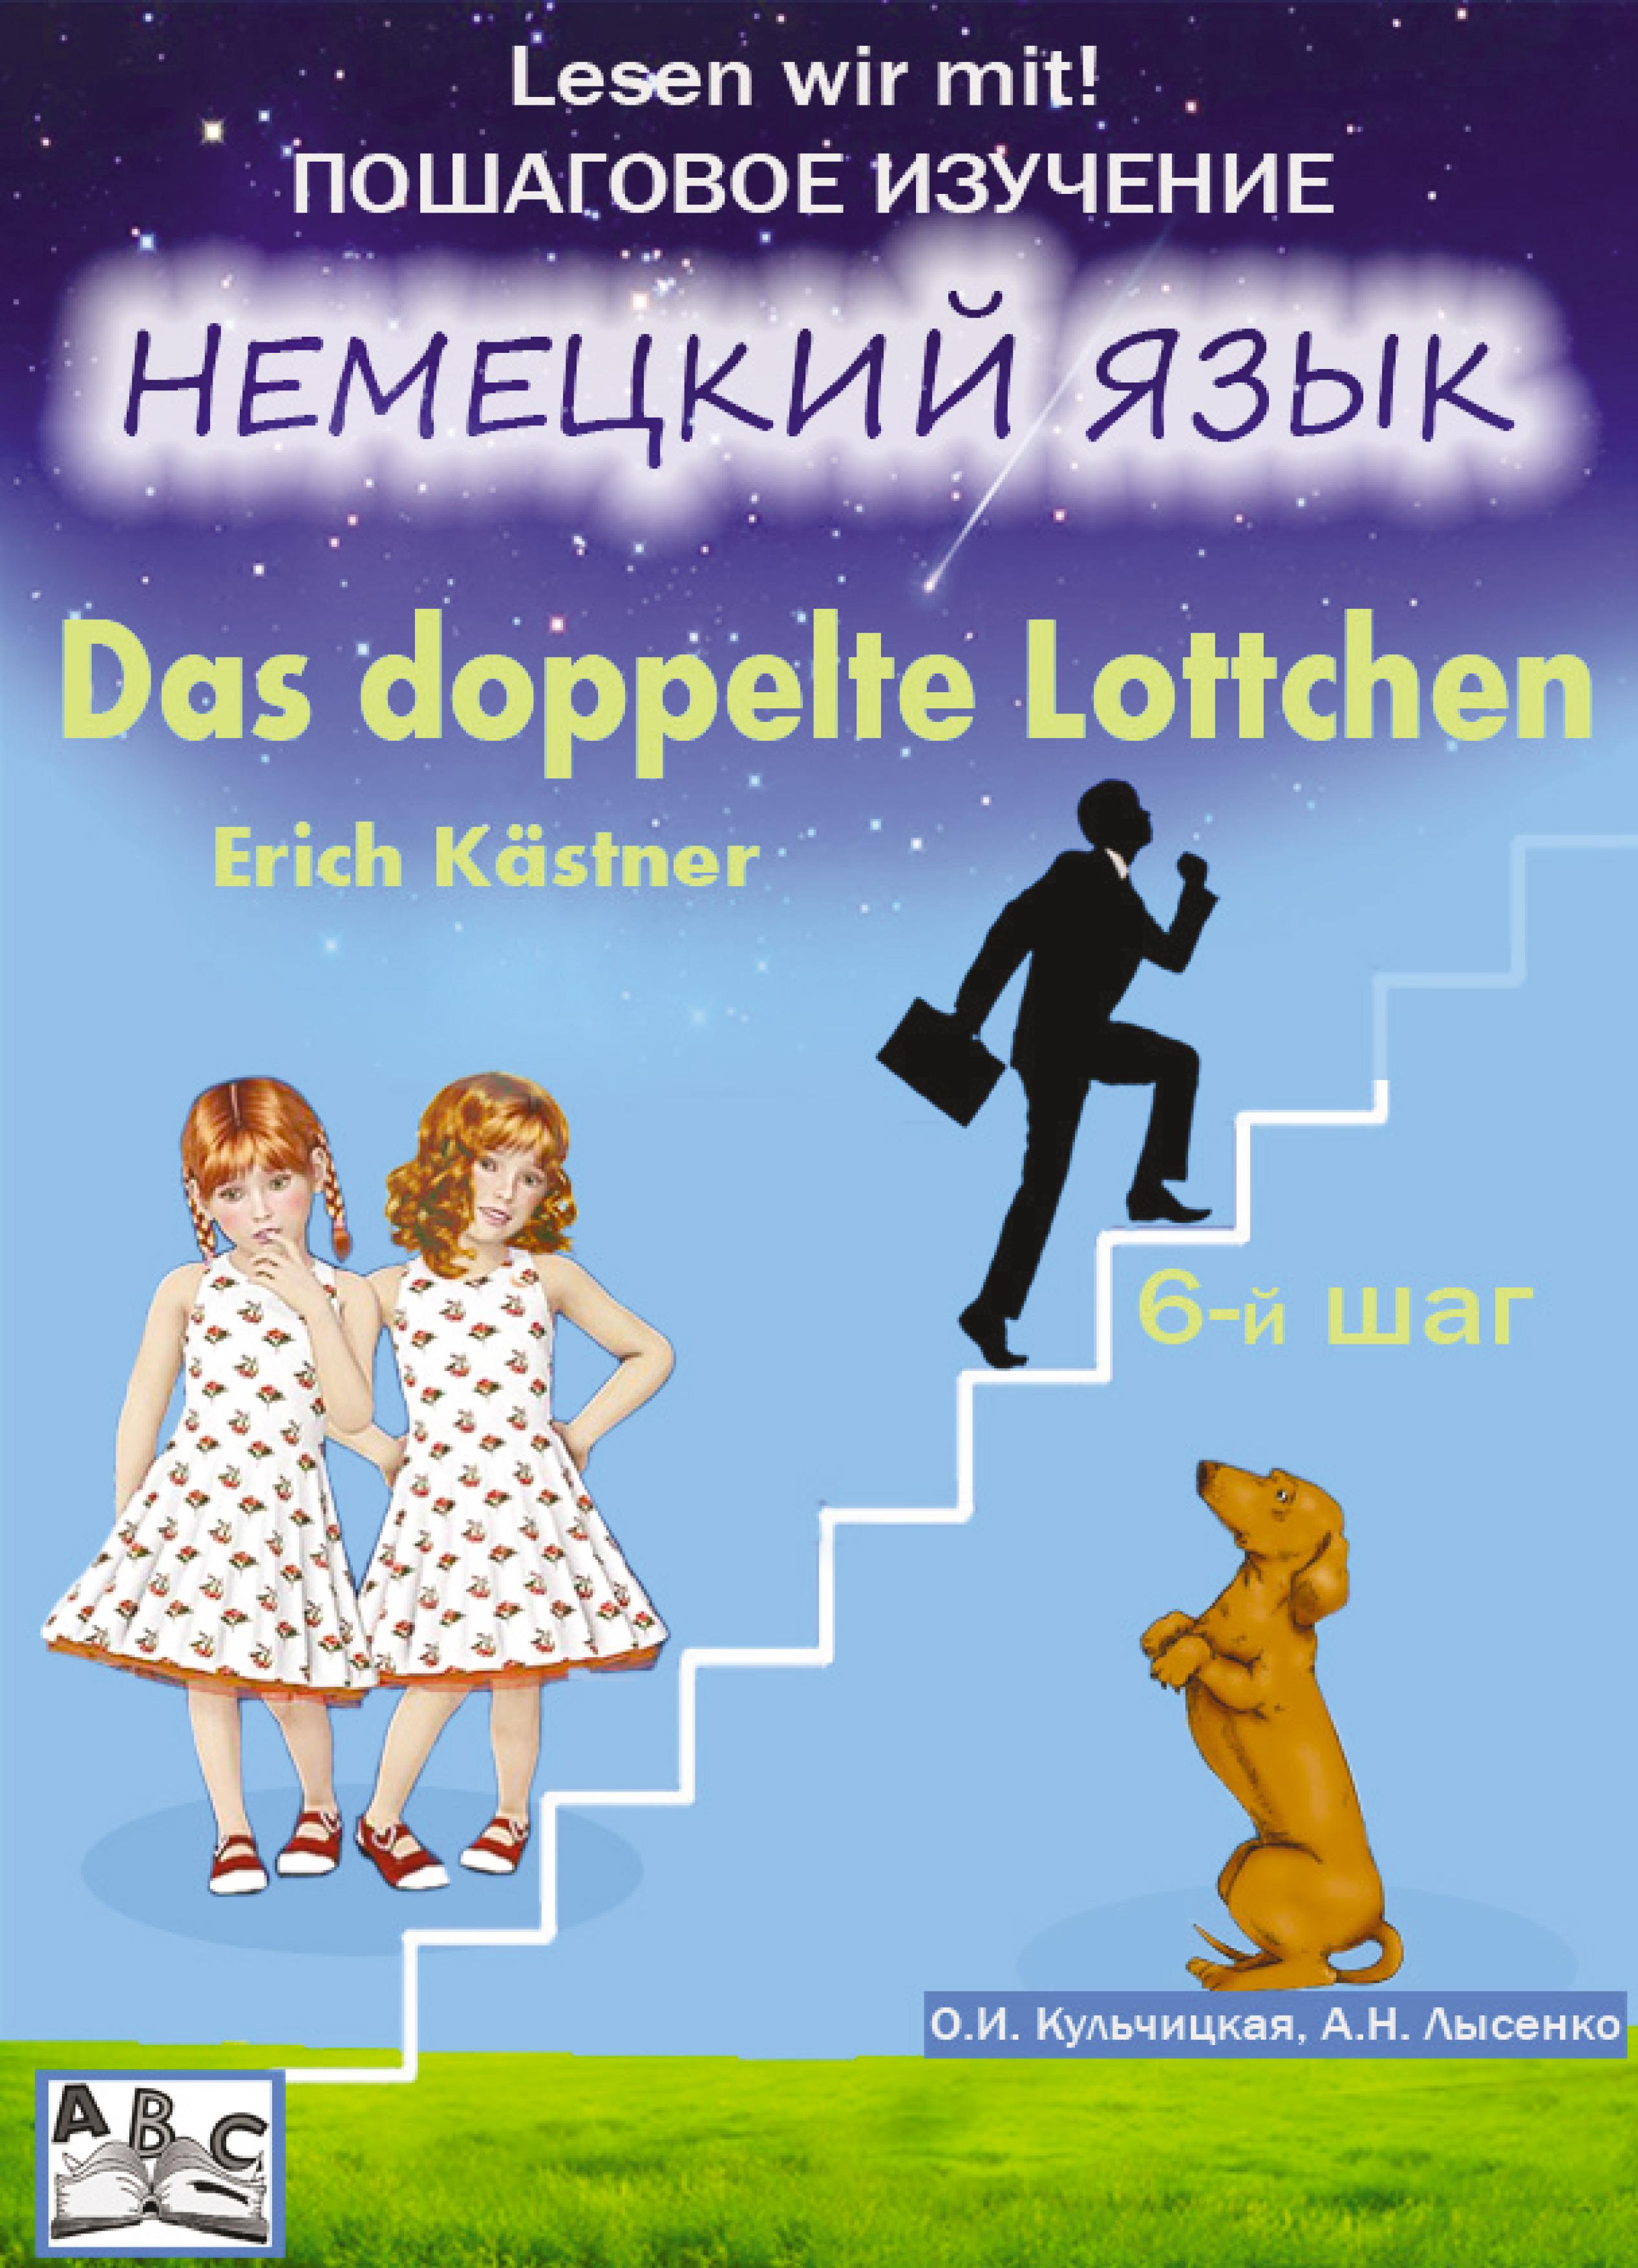 лучшая цена О. И. Кульчицкая Das doppelte Lottchen. Двойная Лотточка. Учебное пособие. Продвинутый этап (6-й шаг)